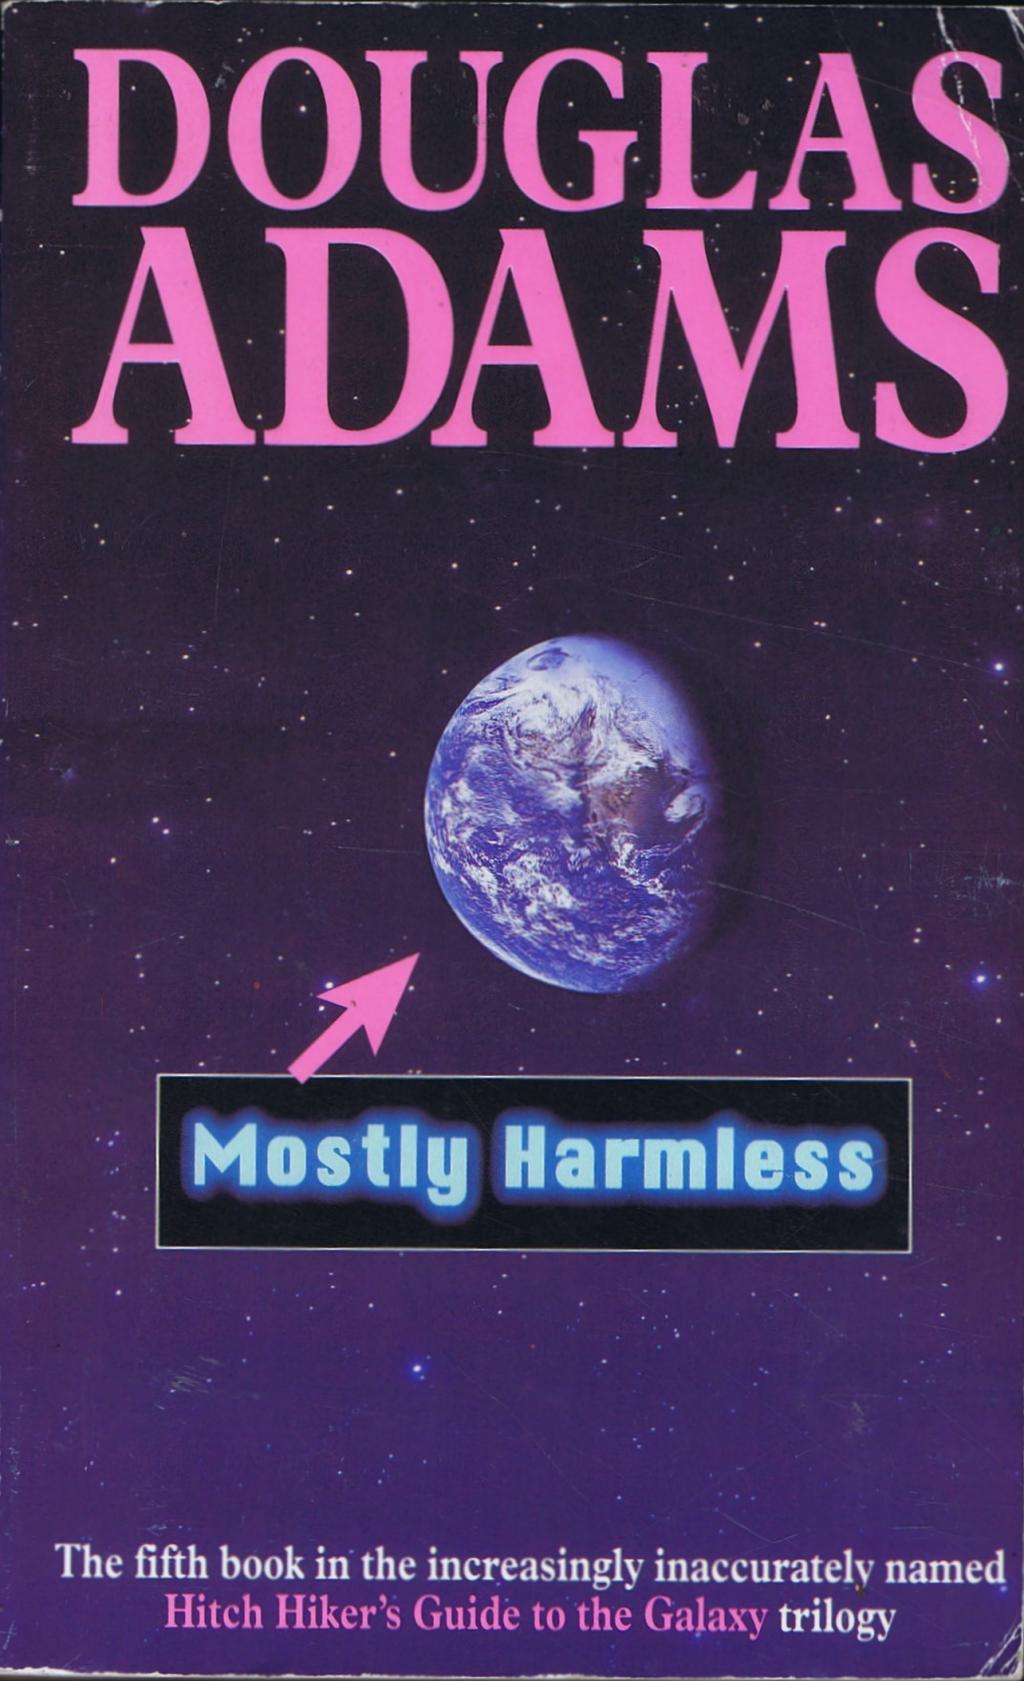 Mostly harmless av Douglas Adams (Häftad) - Fantasyhyllan